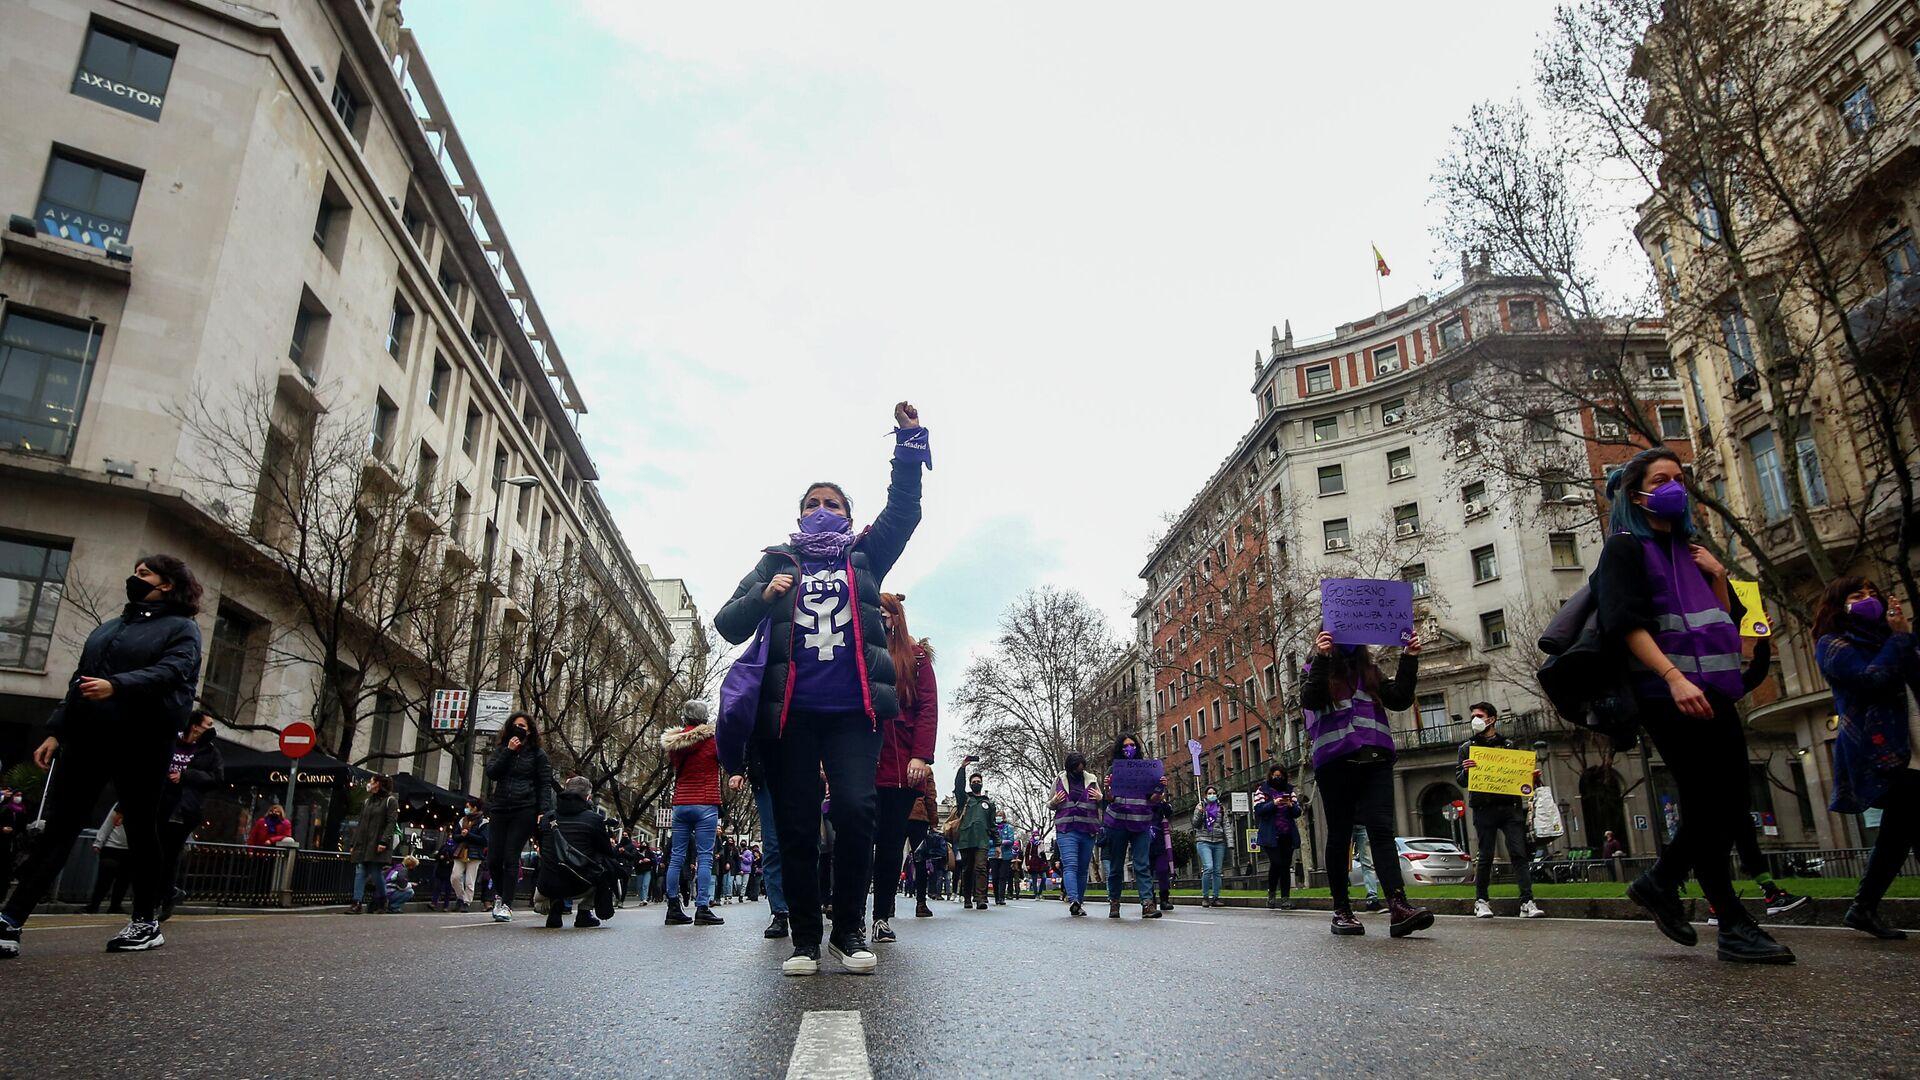 Mujeres en una manifestación no autorizada en Madrid - Sputnik Mundo, 1920, 08.03.2021